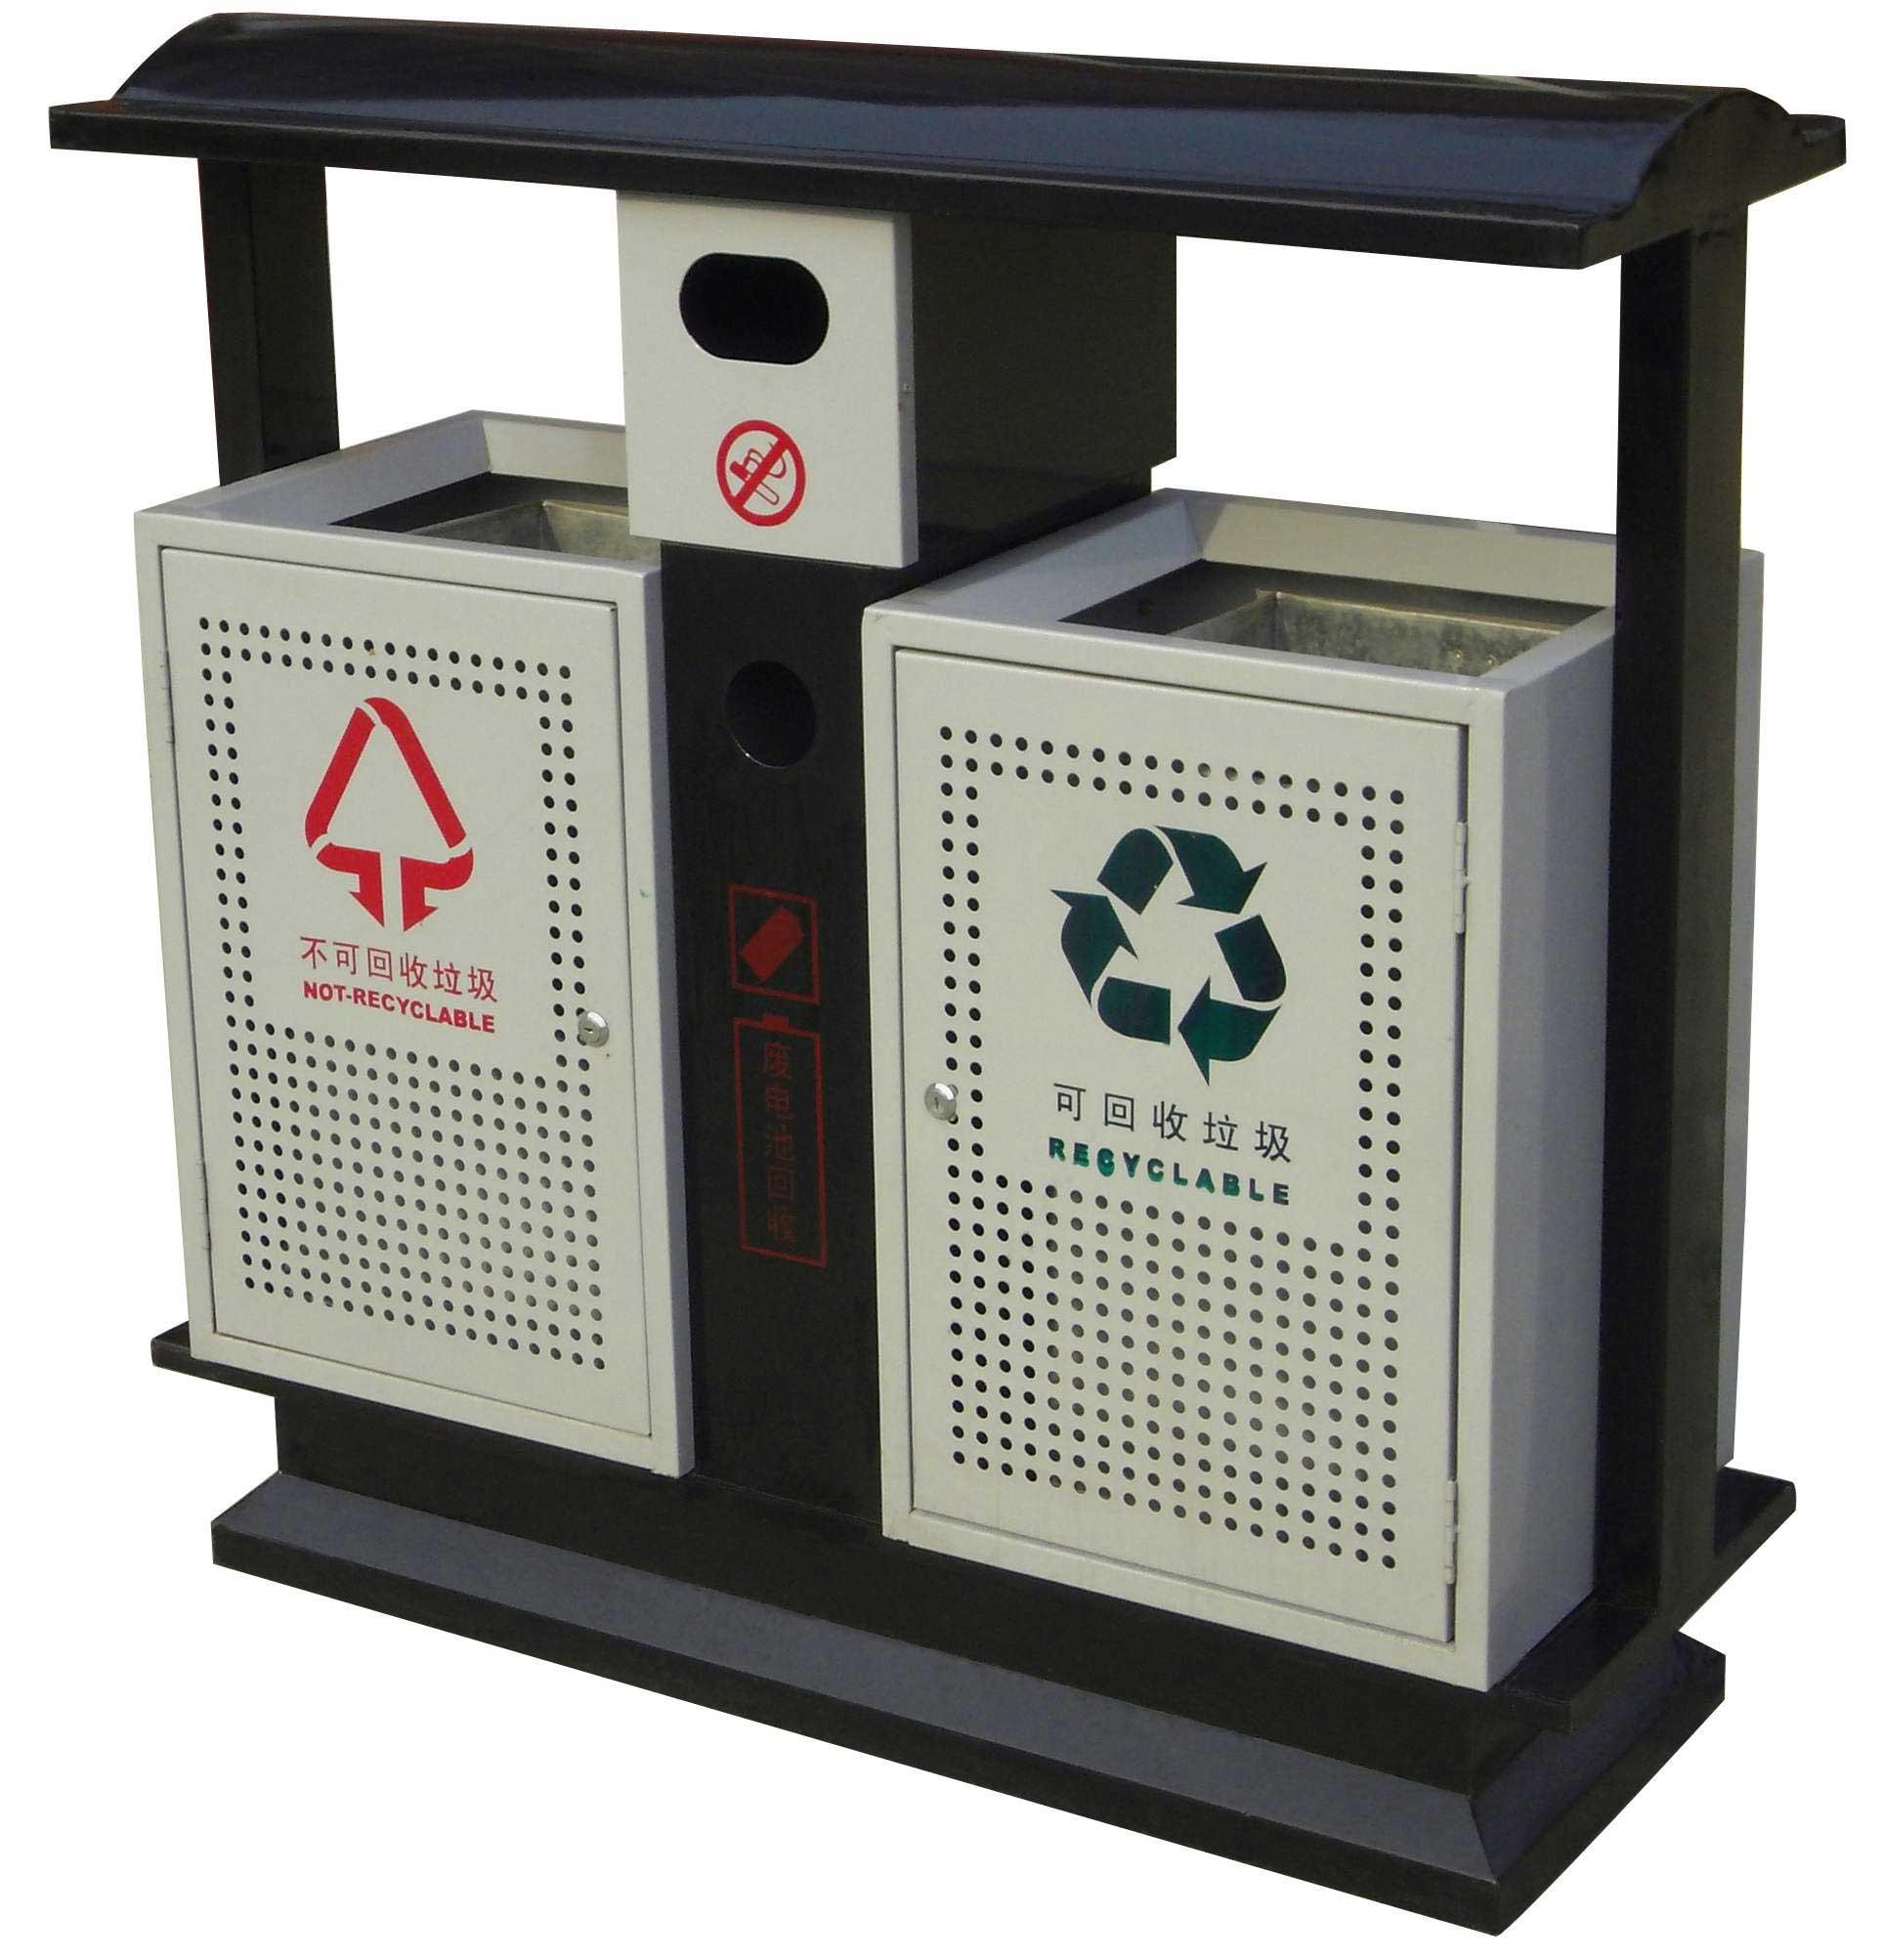 专业生产环卫垃圾桶厂家,厂家批发垃圾桶室内外,户外环保垃圾桶